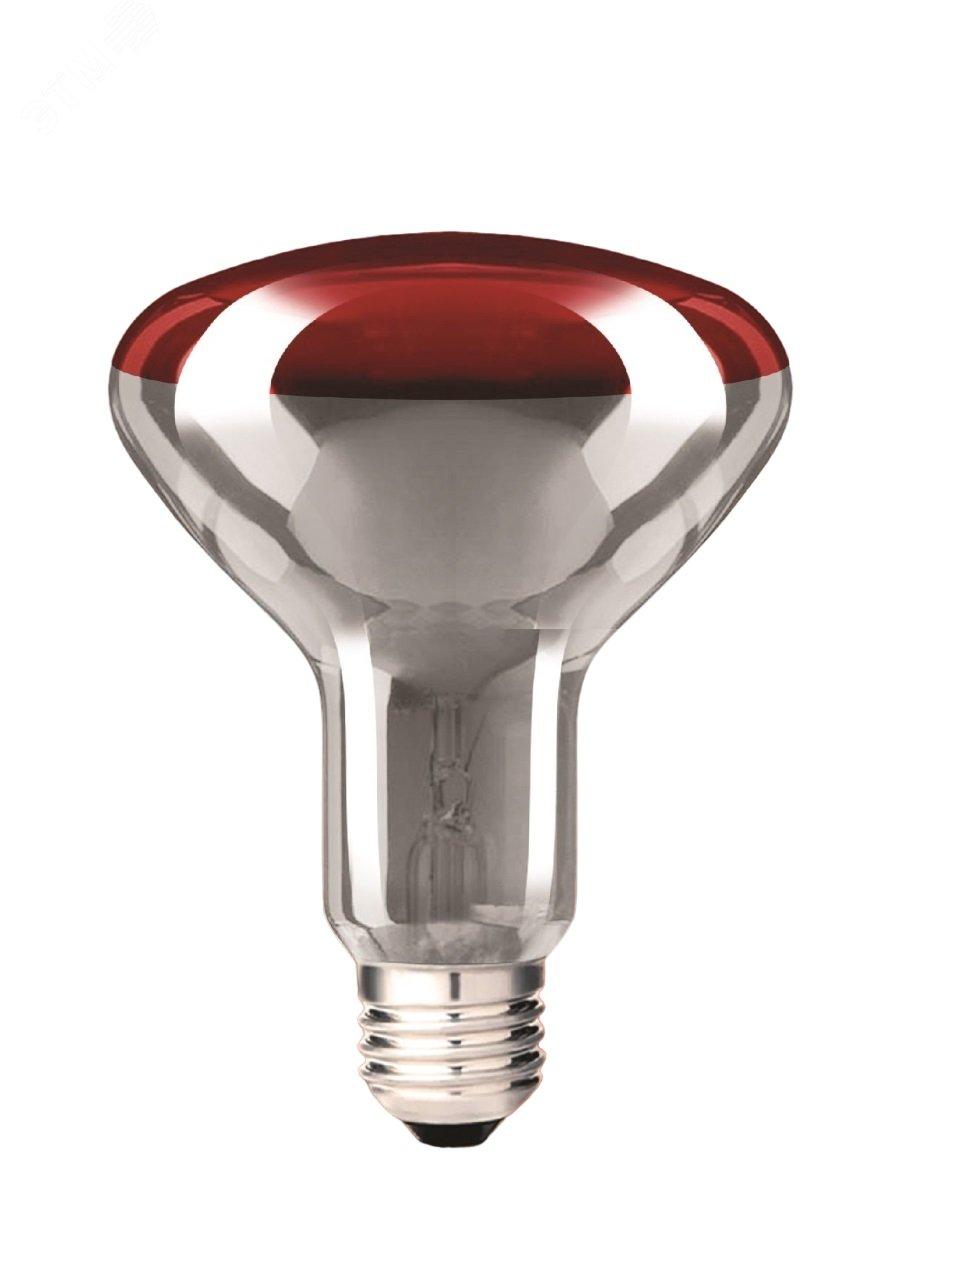 инфракрасная лампа для курятника купить